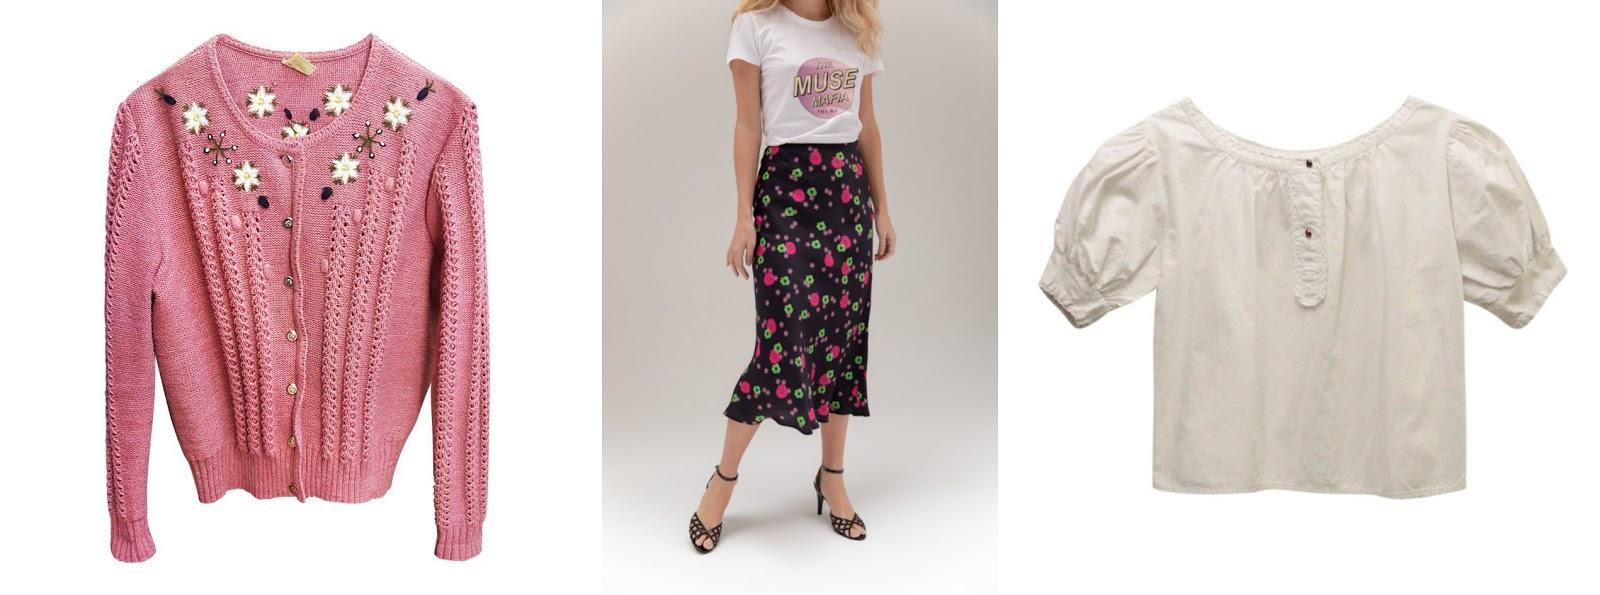 d78d7a9a79 ... ma vie et je ne porte plus que ça, j'ai revendu tout mes autres jeans),  un tee-shirt blanc 100% coton de chez Petit Bateau ainsi qu'un marinière  (elles ...